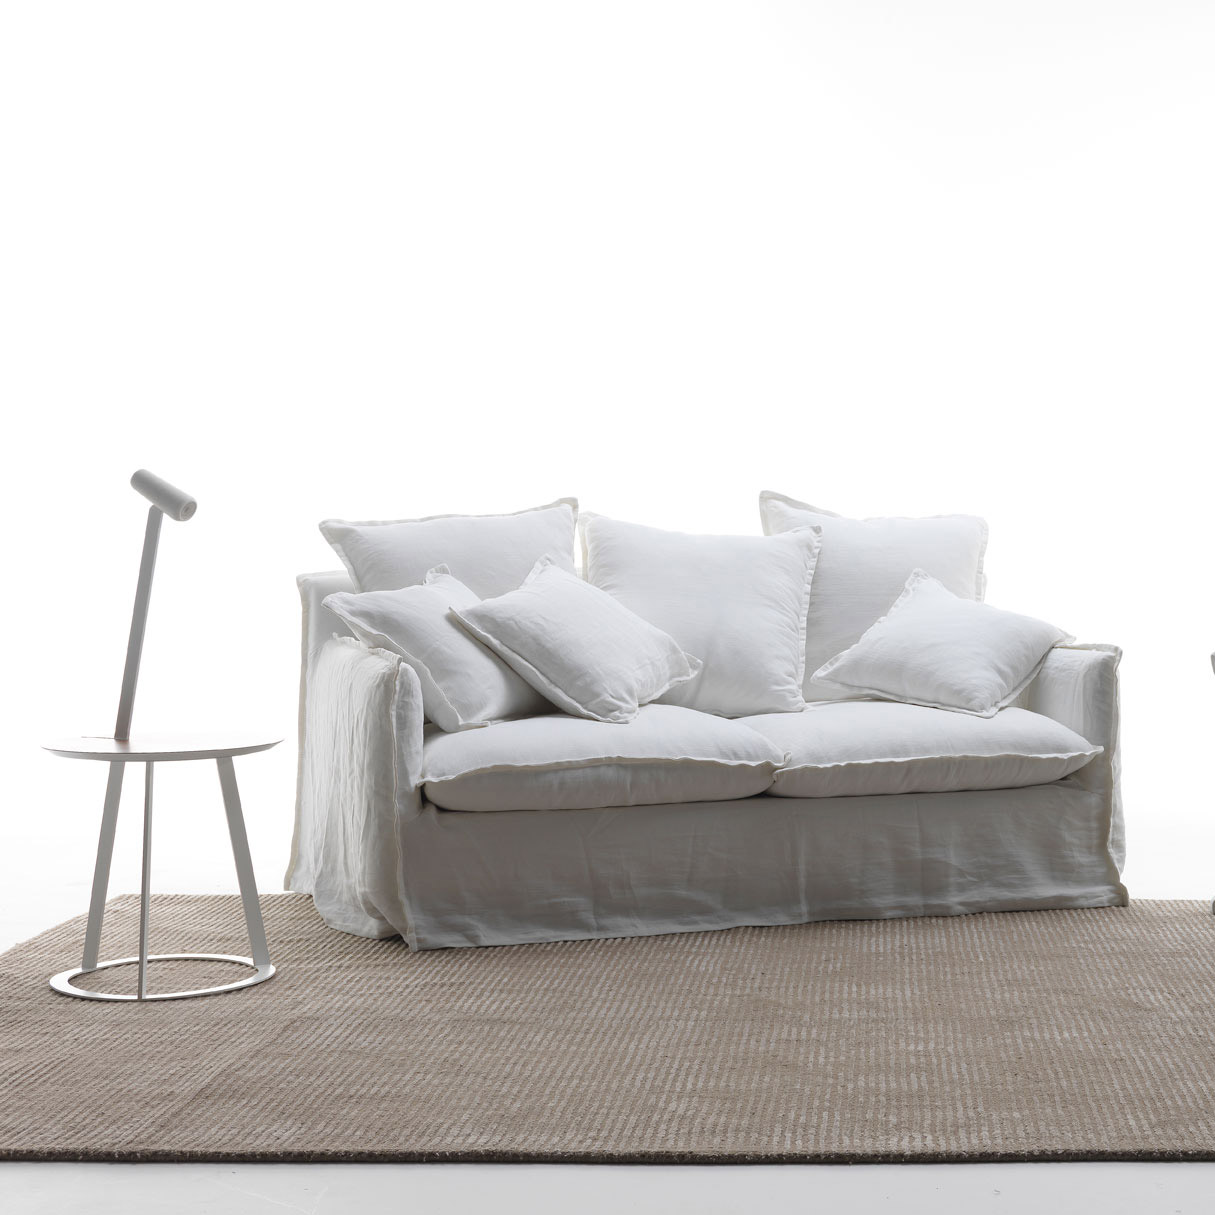 Milos High End Contemporary Sofa